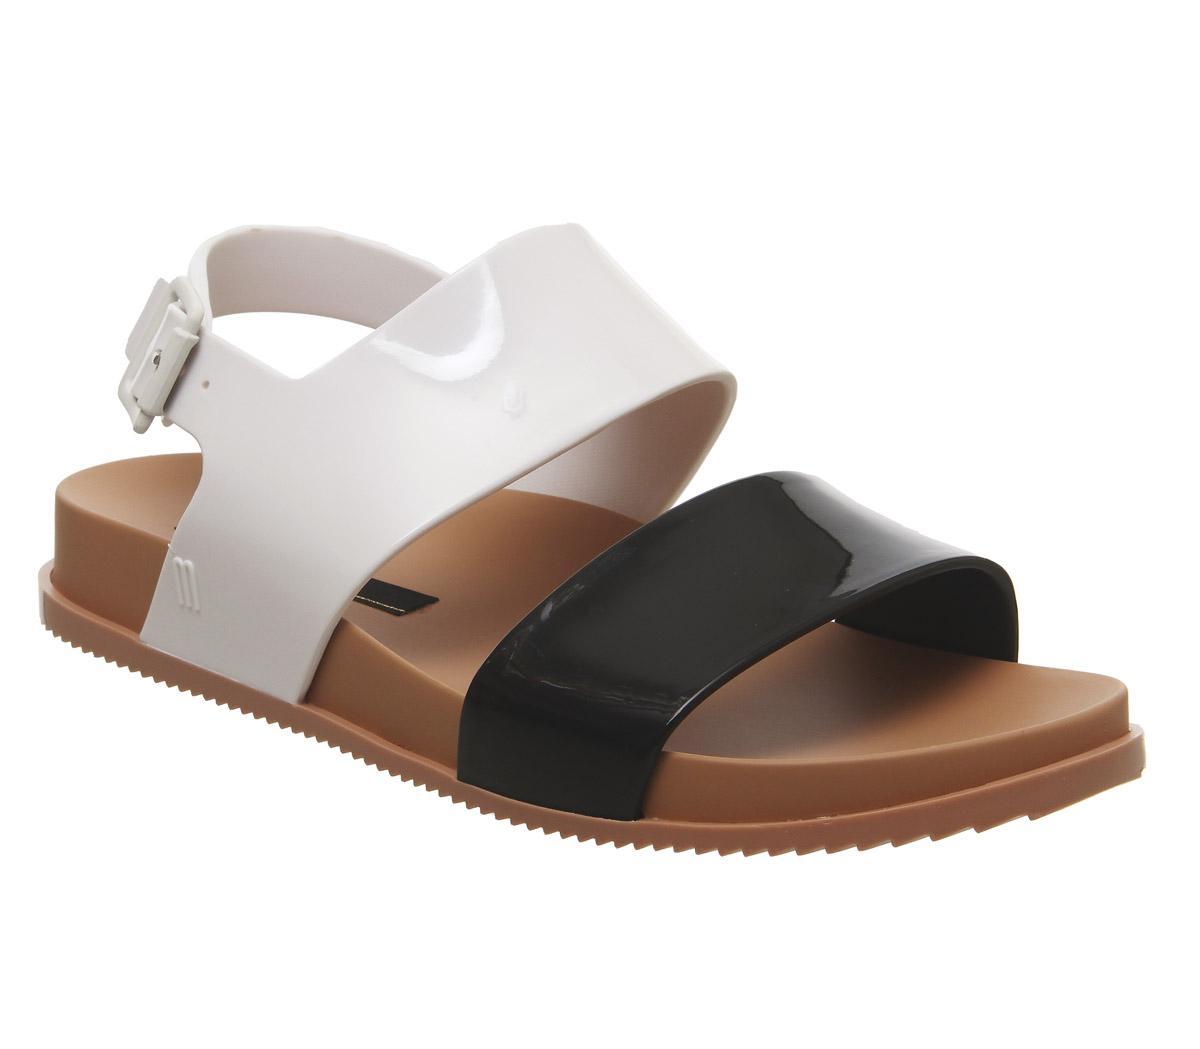 Cosmic Sandals